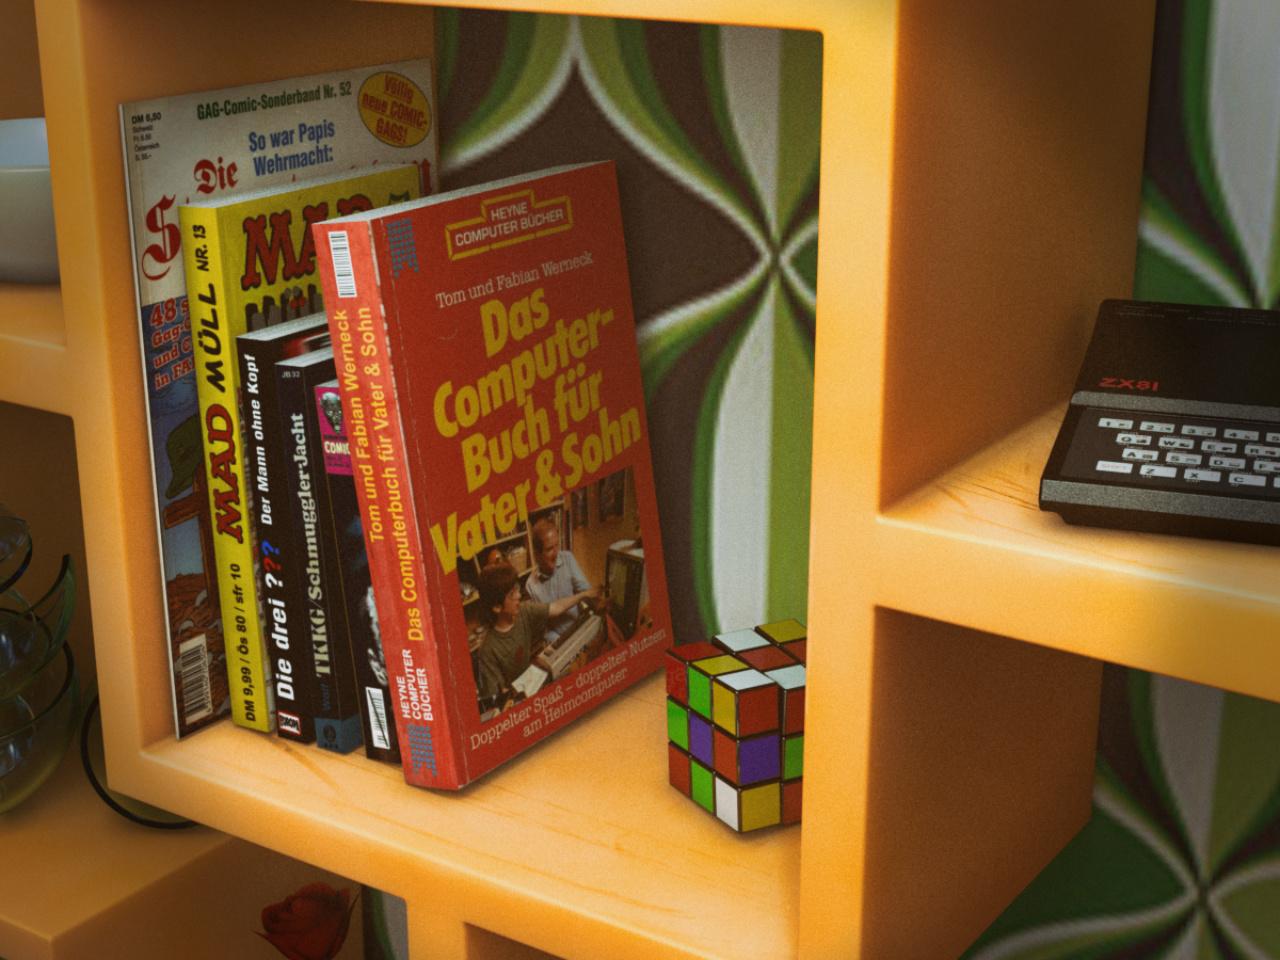 """Das """"Computerbuch für Vater & Sohn"""" erschien im Heyne Verlag. (Bild: René Achter)"""